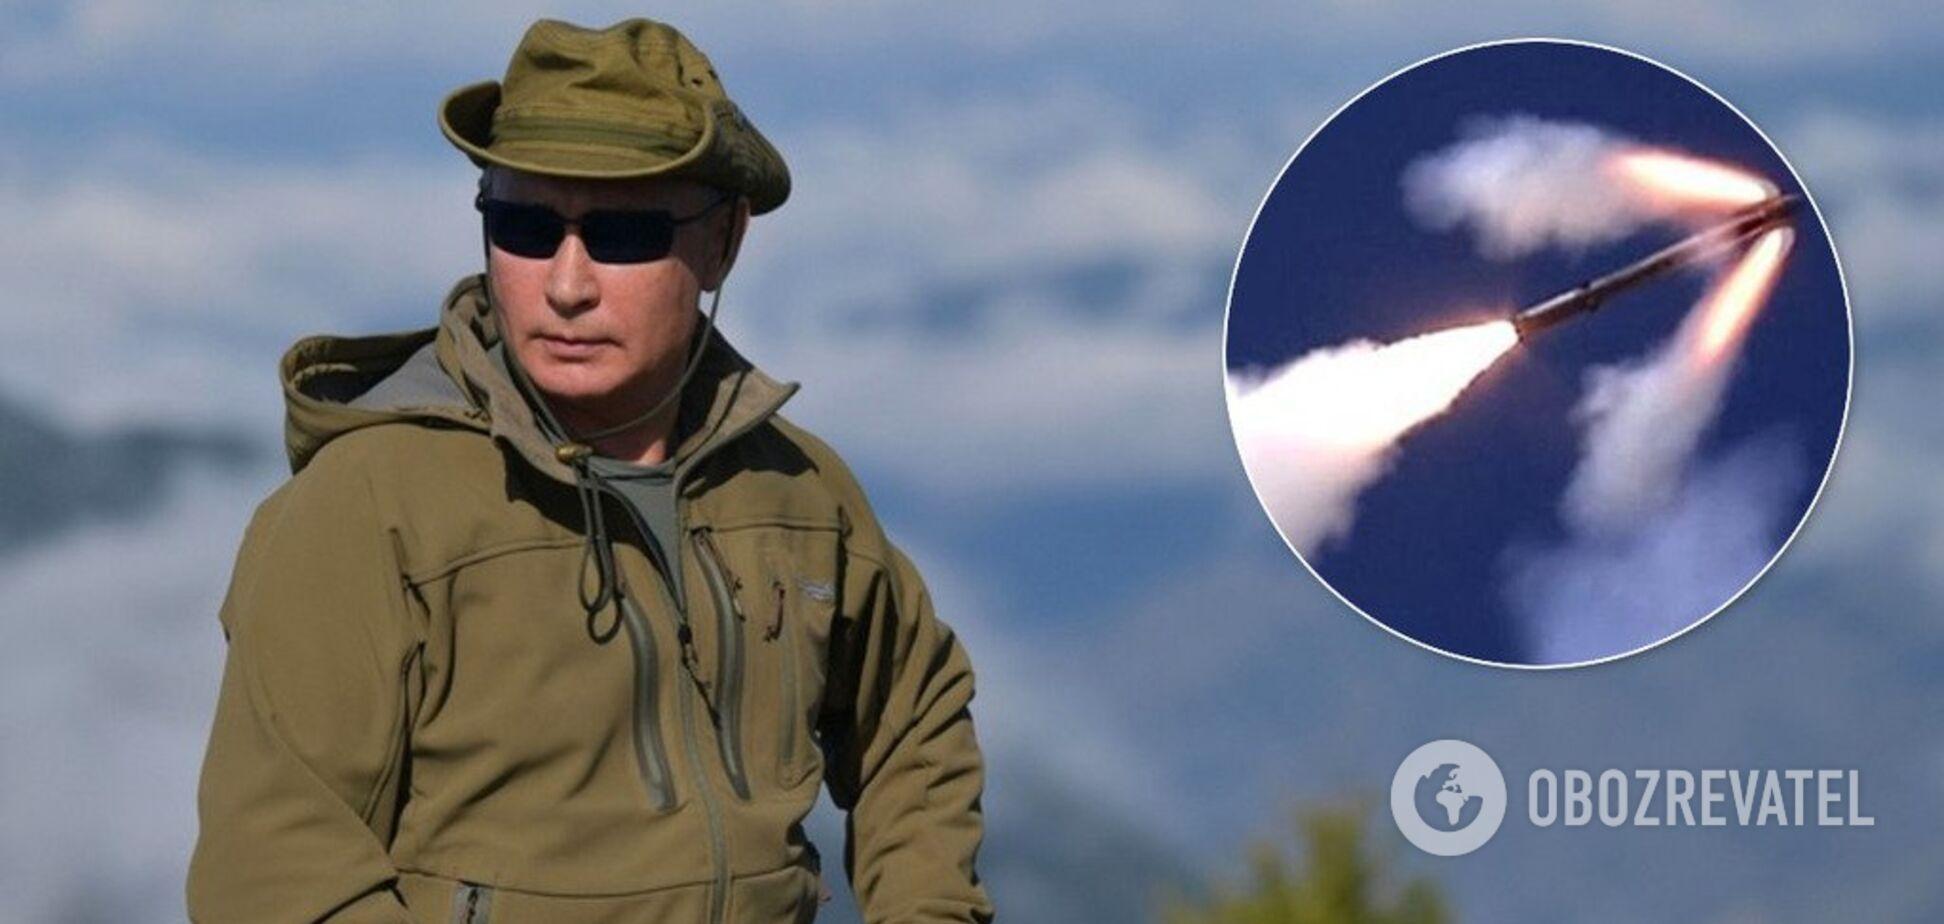 'Есть даже в Беларуси': Путина уличили во лжи о супероружии